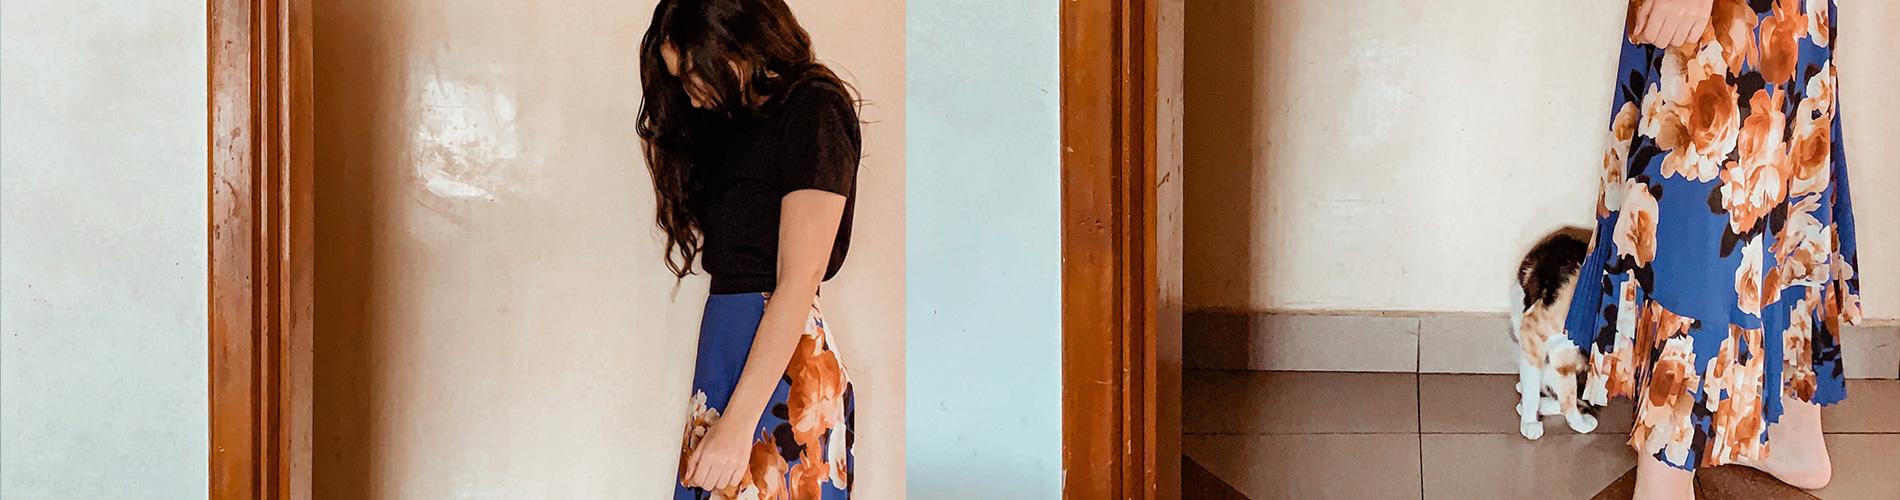 Consejos de moda en cuarentena